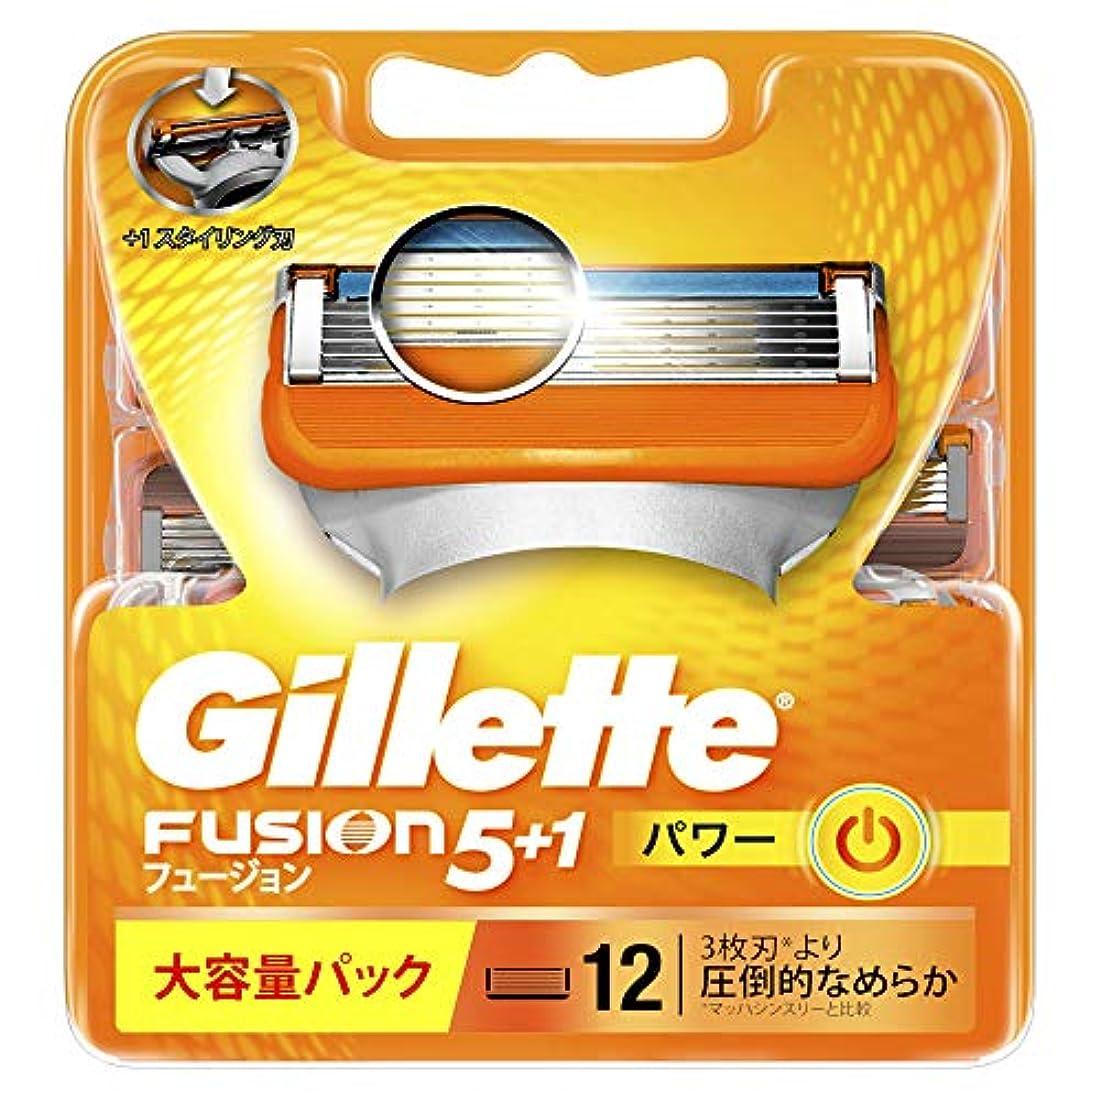 ムスタチオ単調なホットジレット 髭剃り フュージョン 5+1 パワー 替刃12個入